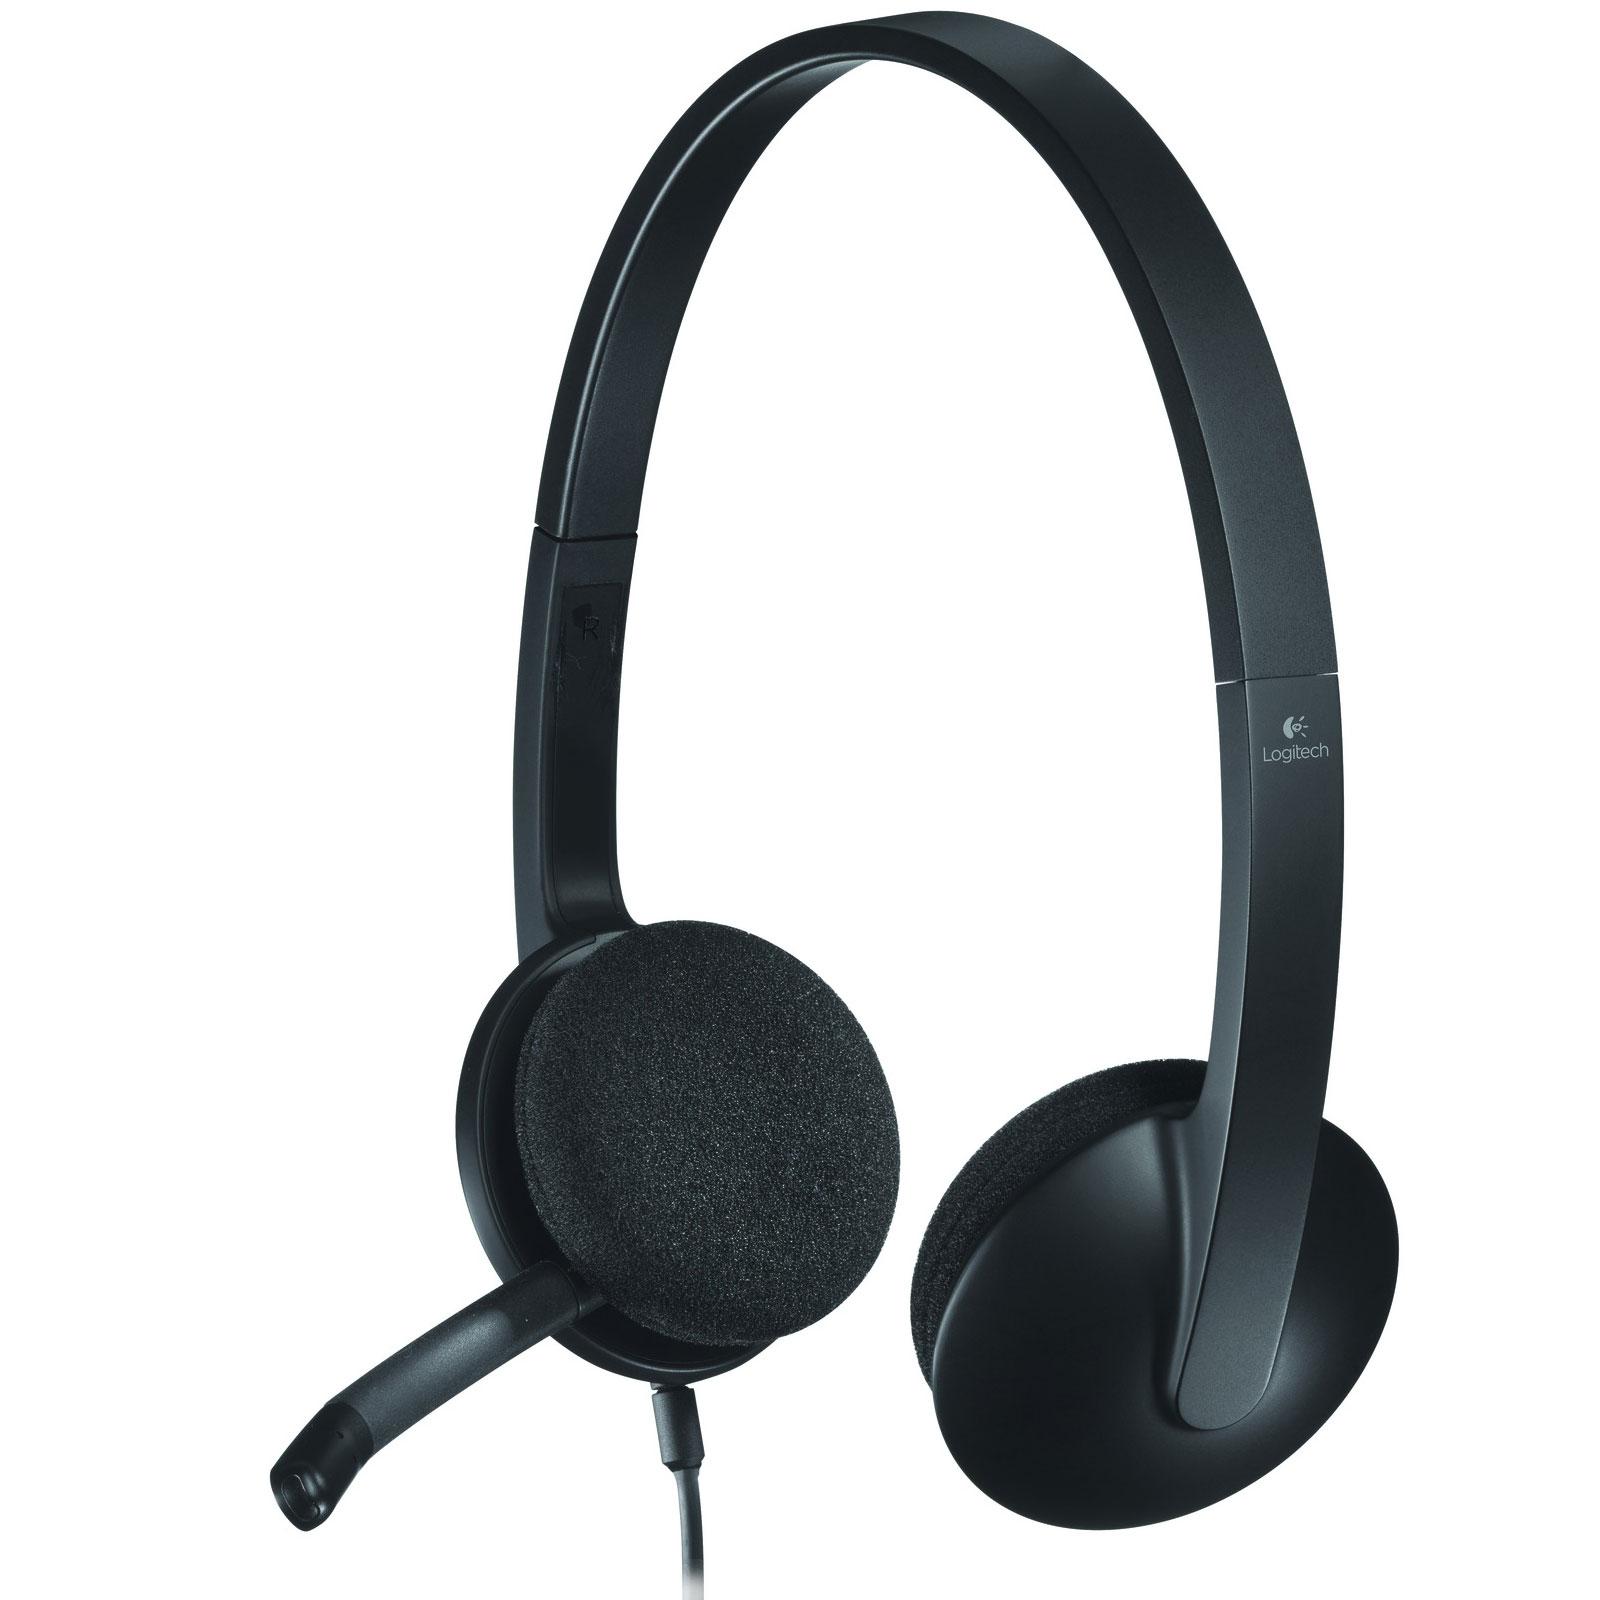 logitech usb headset h340 micro casque logitech sur. Black Bedroom Furniture Sets. Home Design Ideas